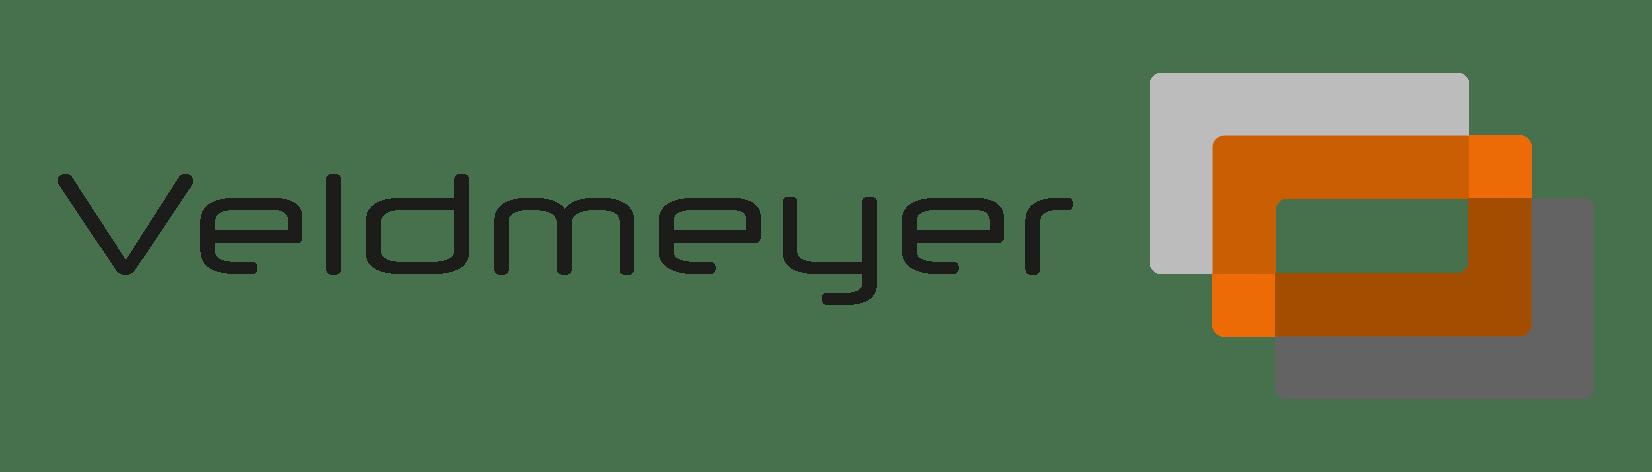 Veldmeyer Beeld, Geluid & Satelliet | Hilversum